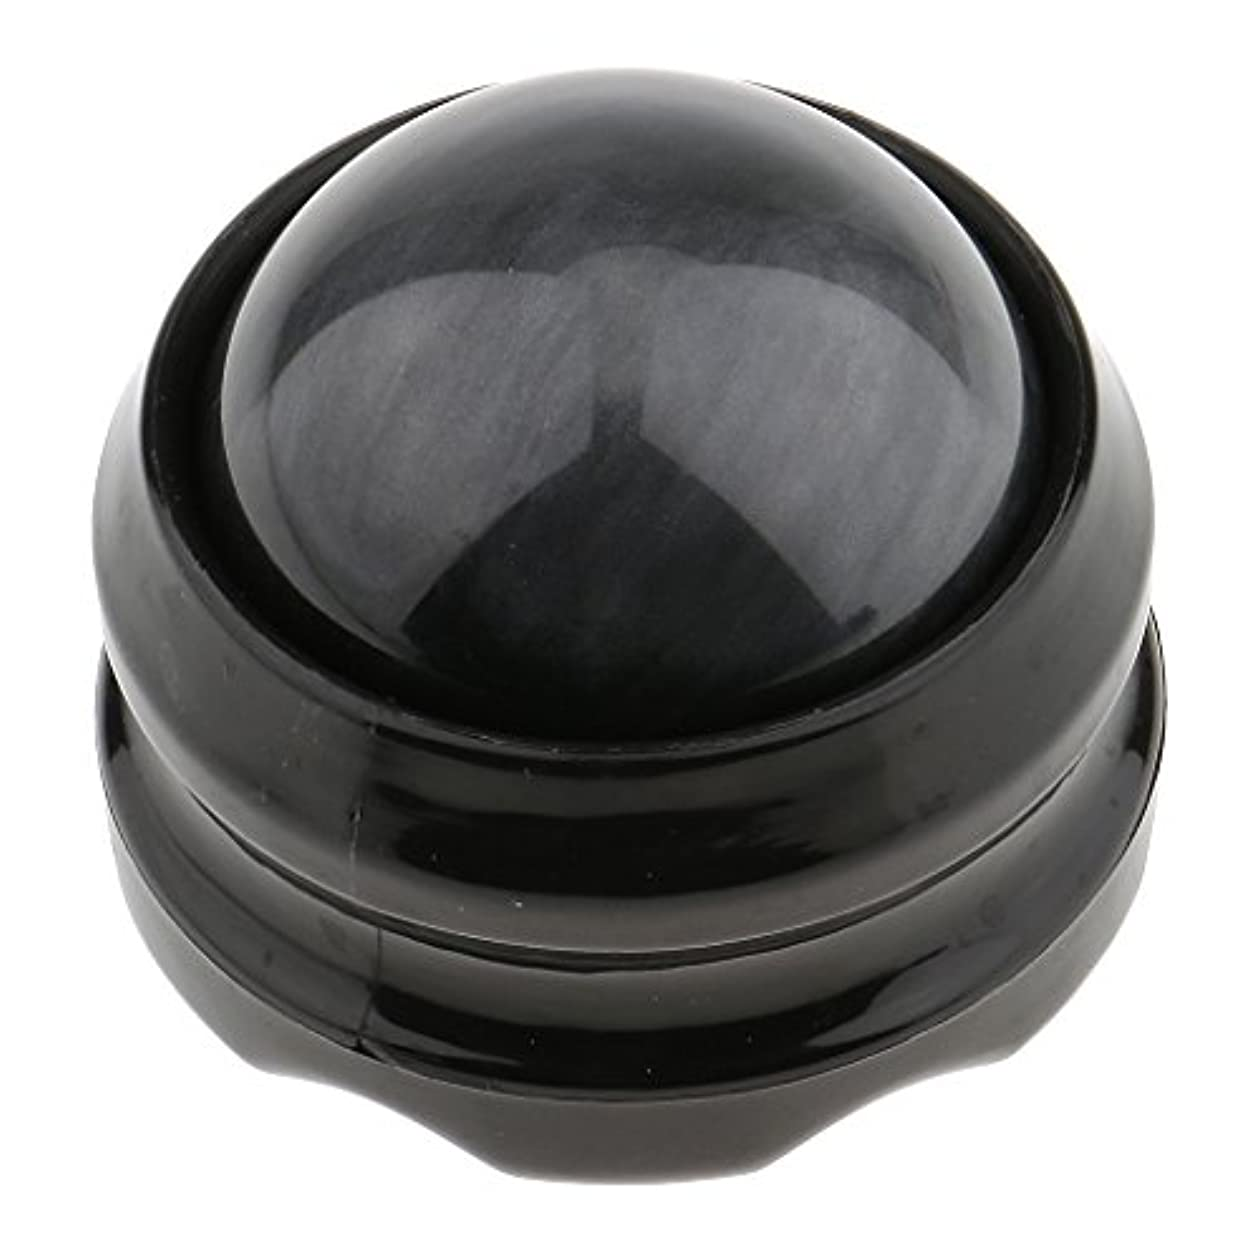 アクセルコードレス興奮するSONONIA マッサージ ローラーボール ボディ バック ネック フット セルフマッサージ ツール 全4色 - グレーブラック